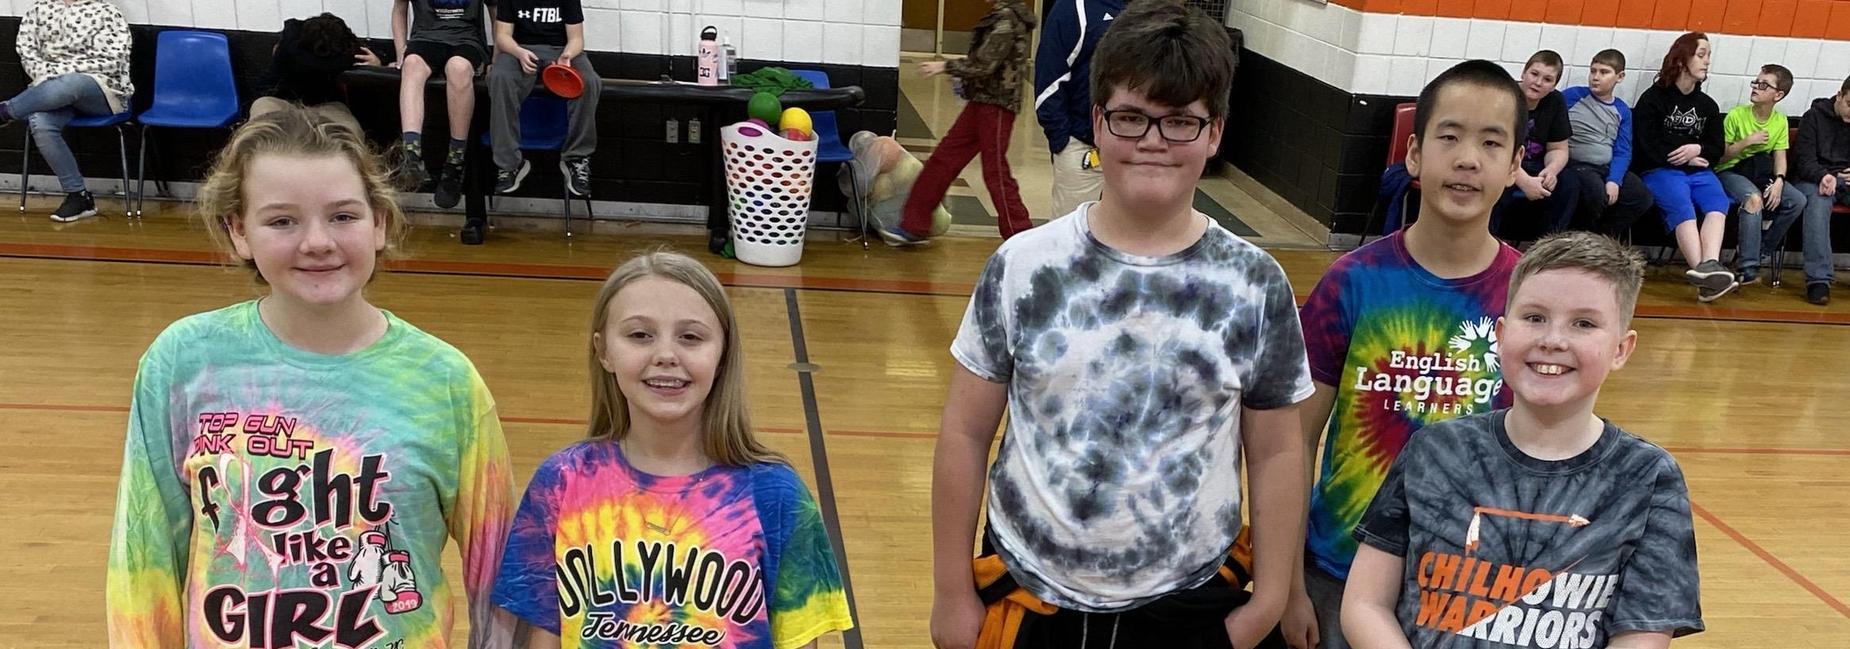 students in tie dye